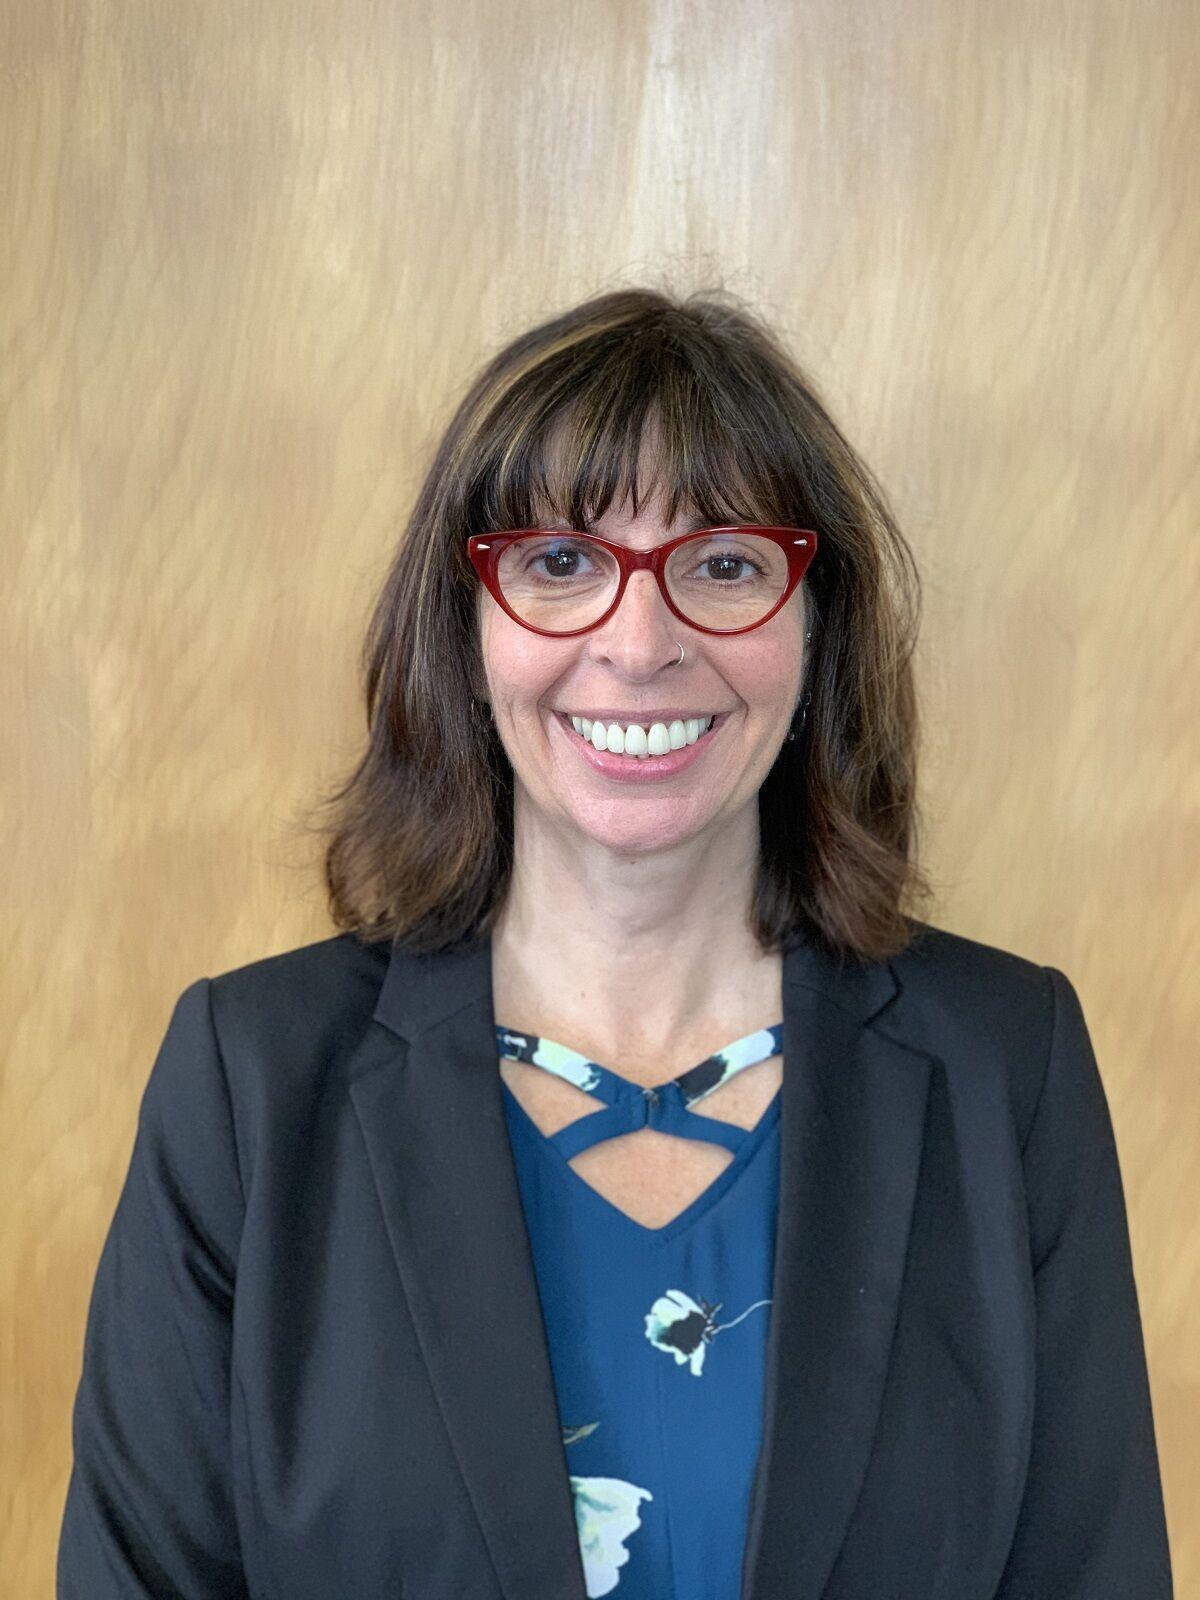 Christine Ziemba